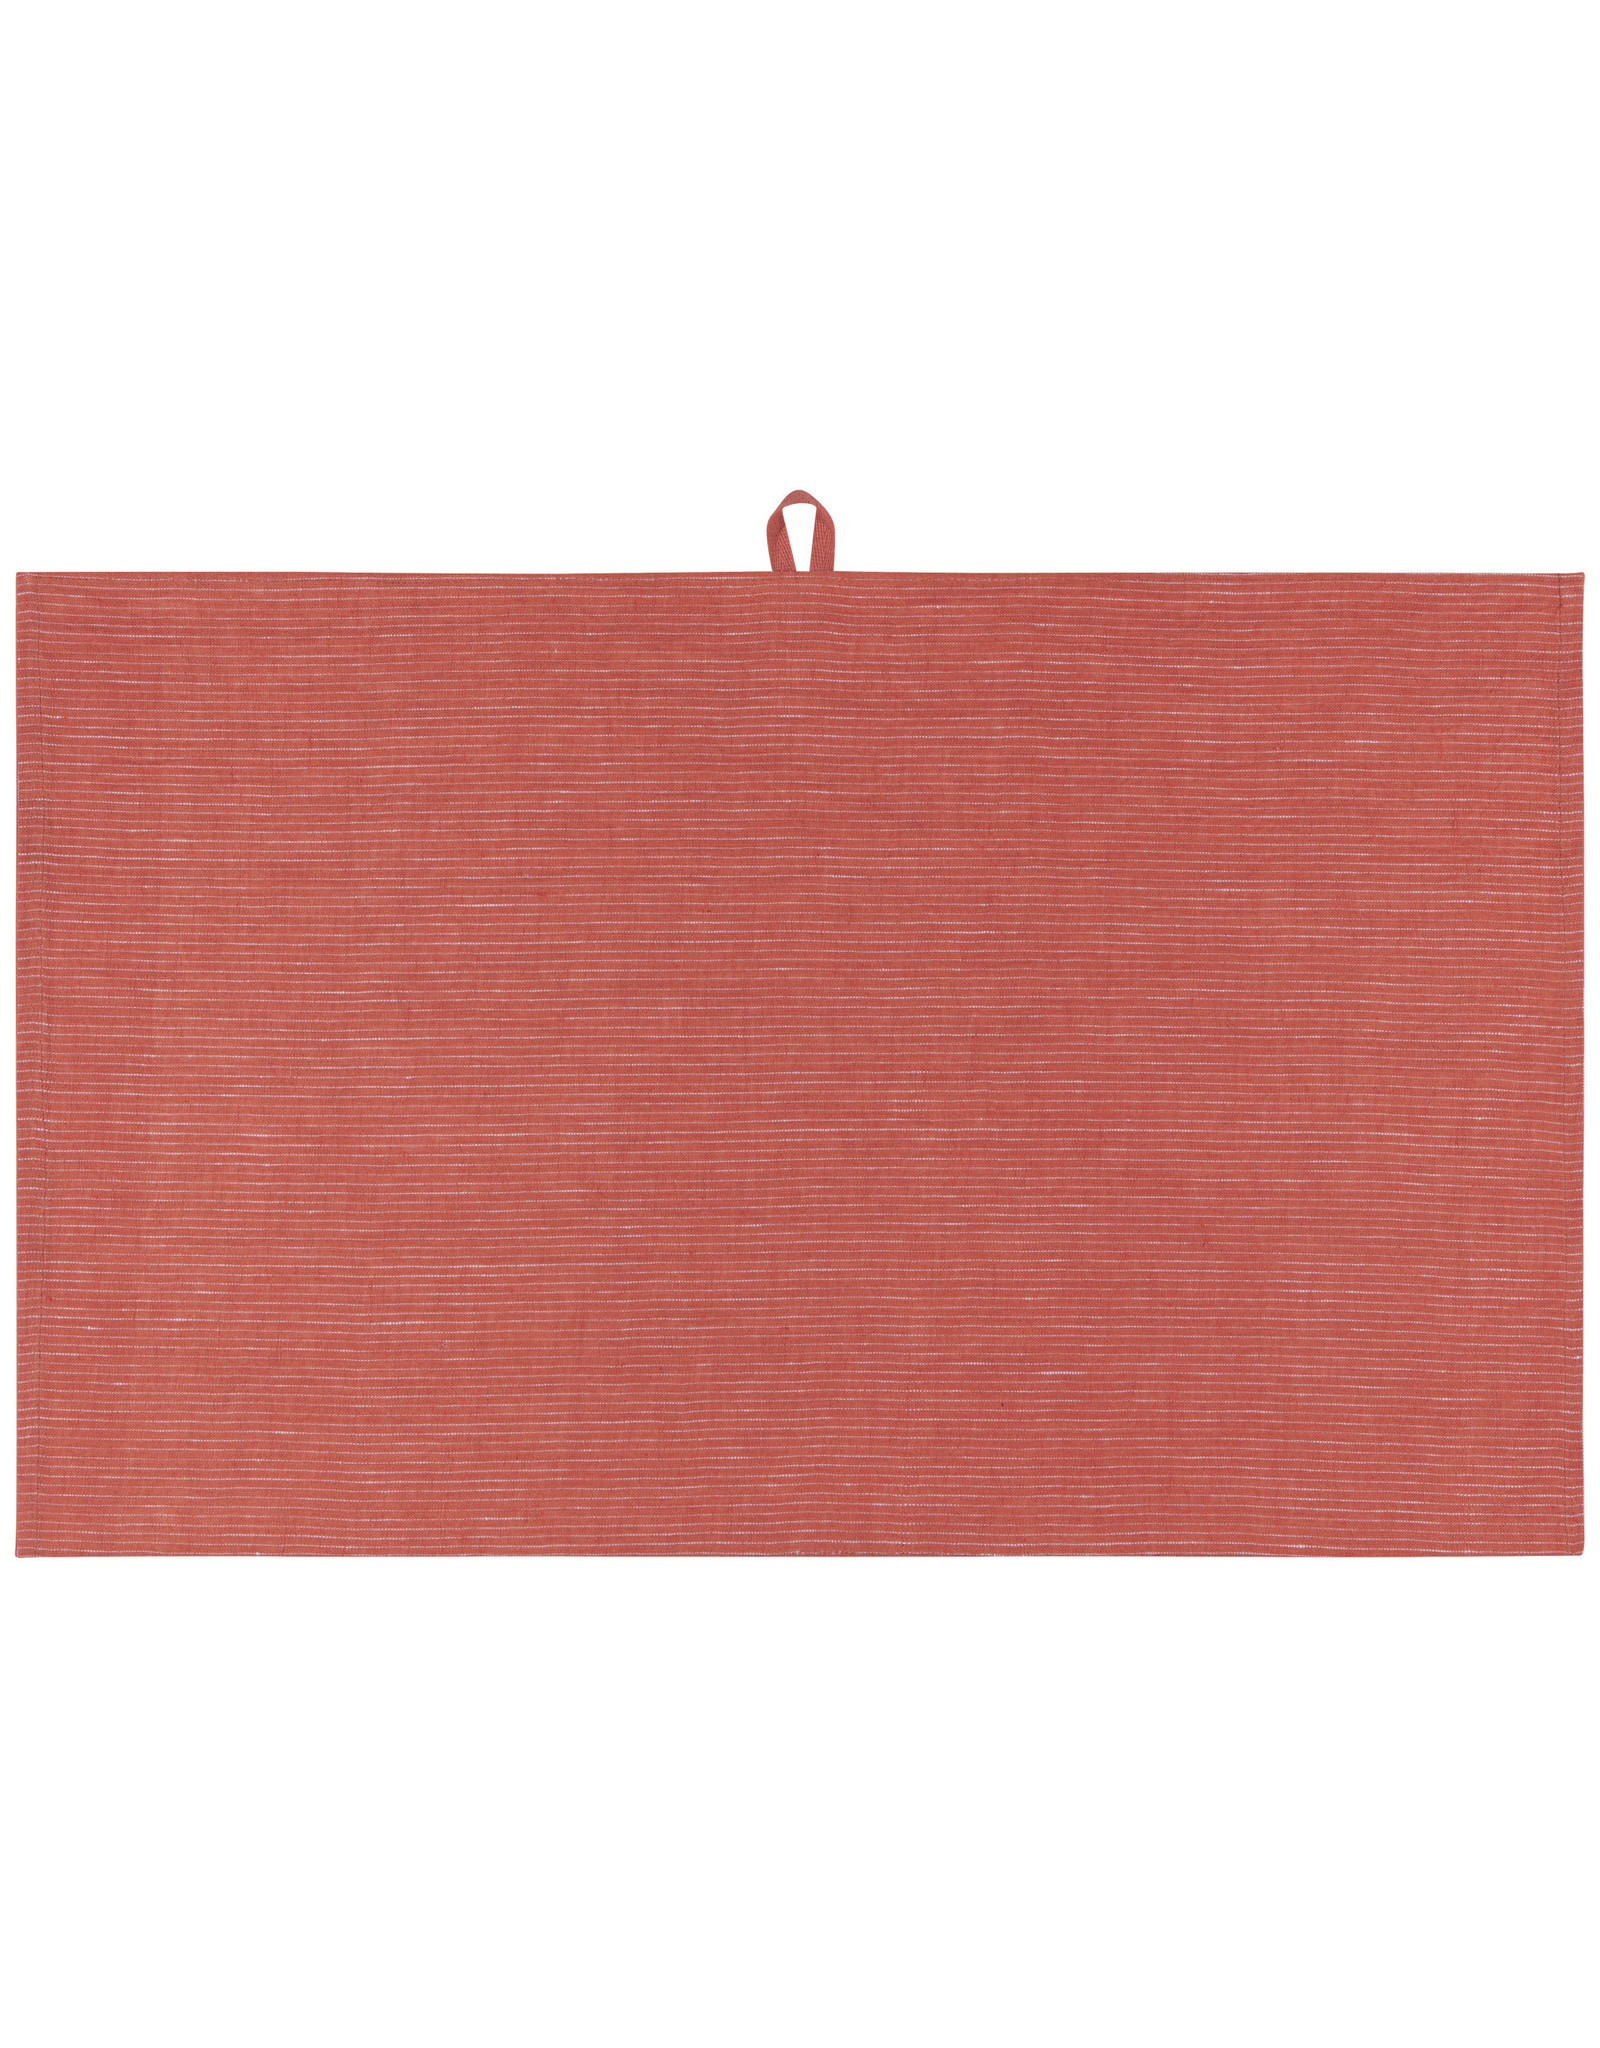 Danica Danica - Tea Towel Linen Heirloom